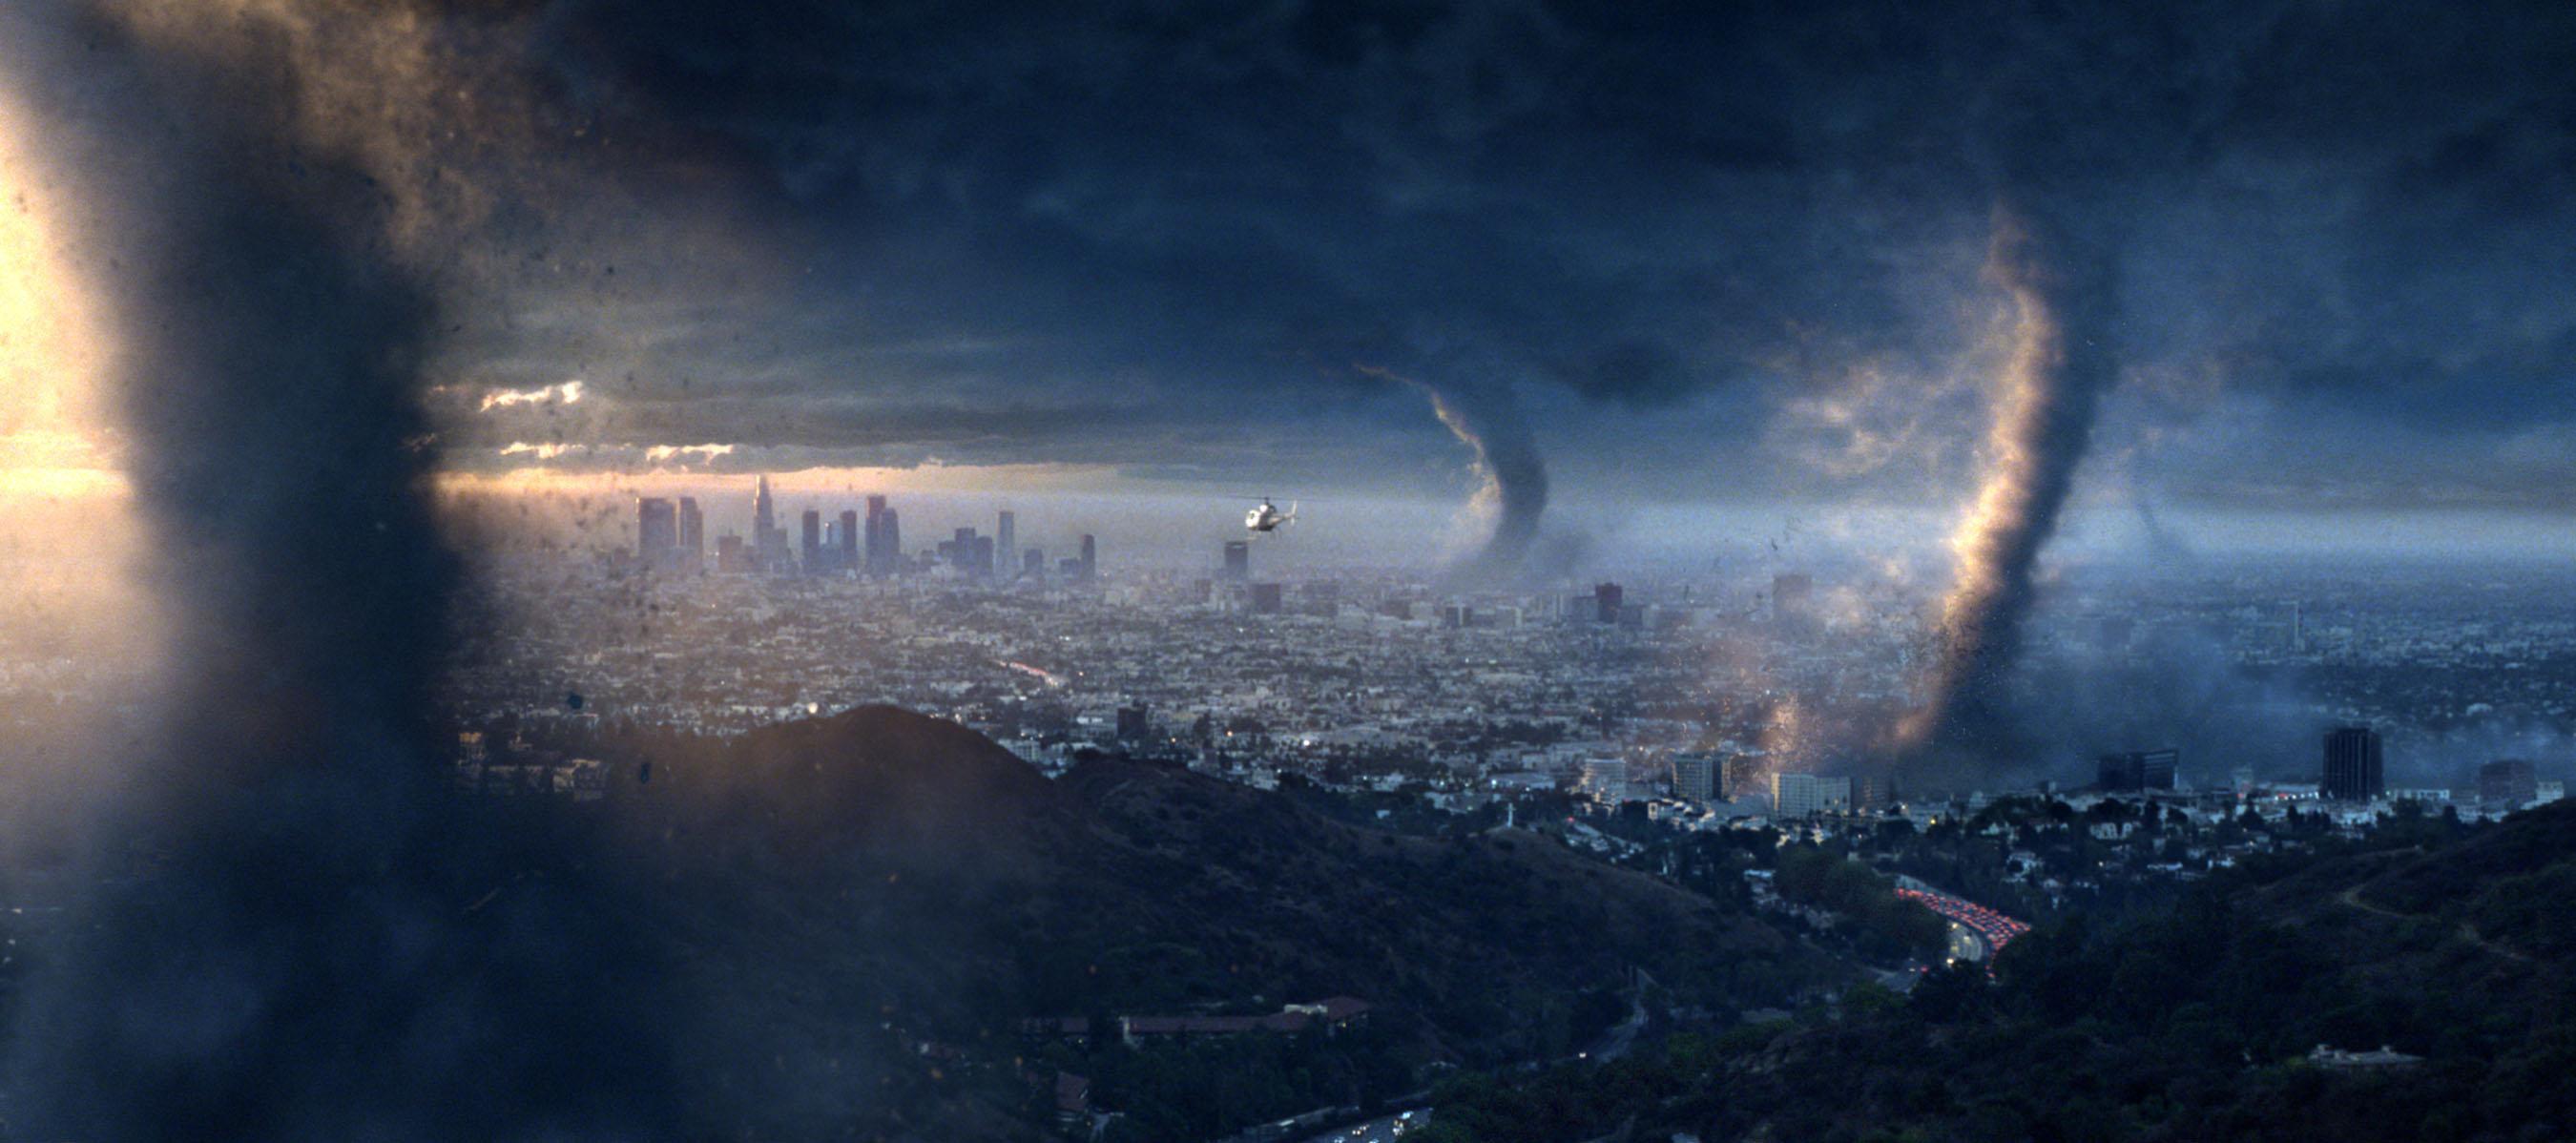 Dios Reveló lo que Sucederá en los Tiempos Finales en el Libro del Apocalipsis